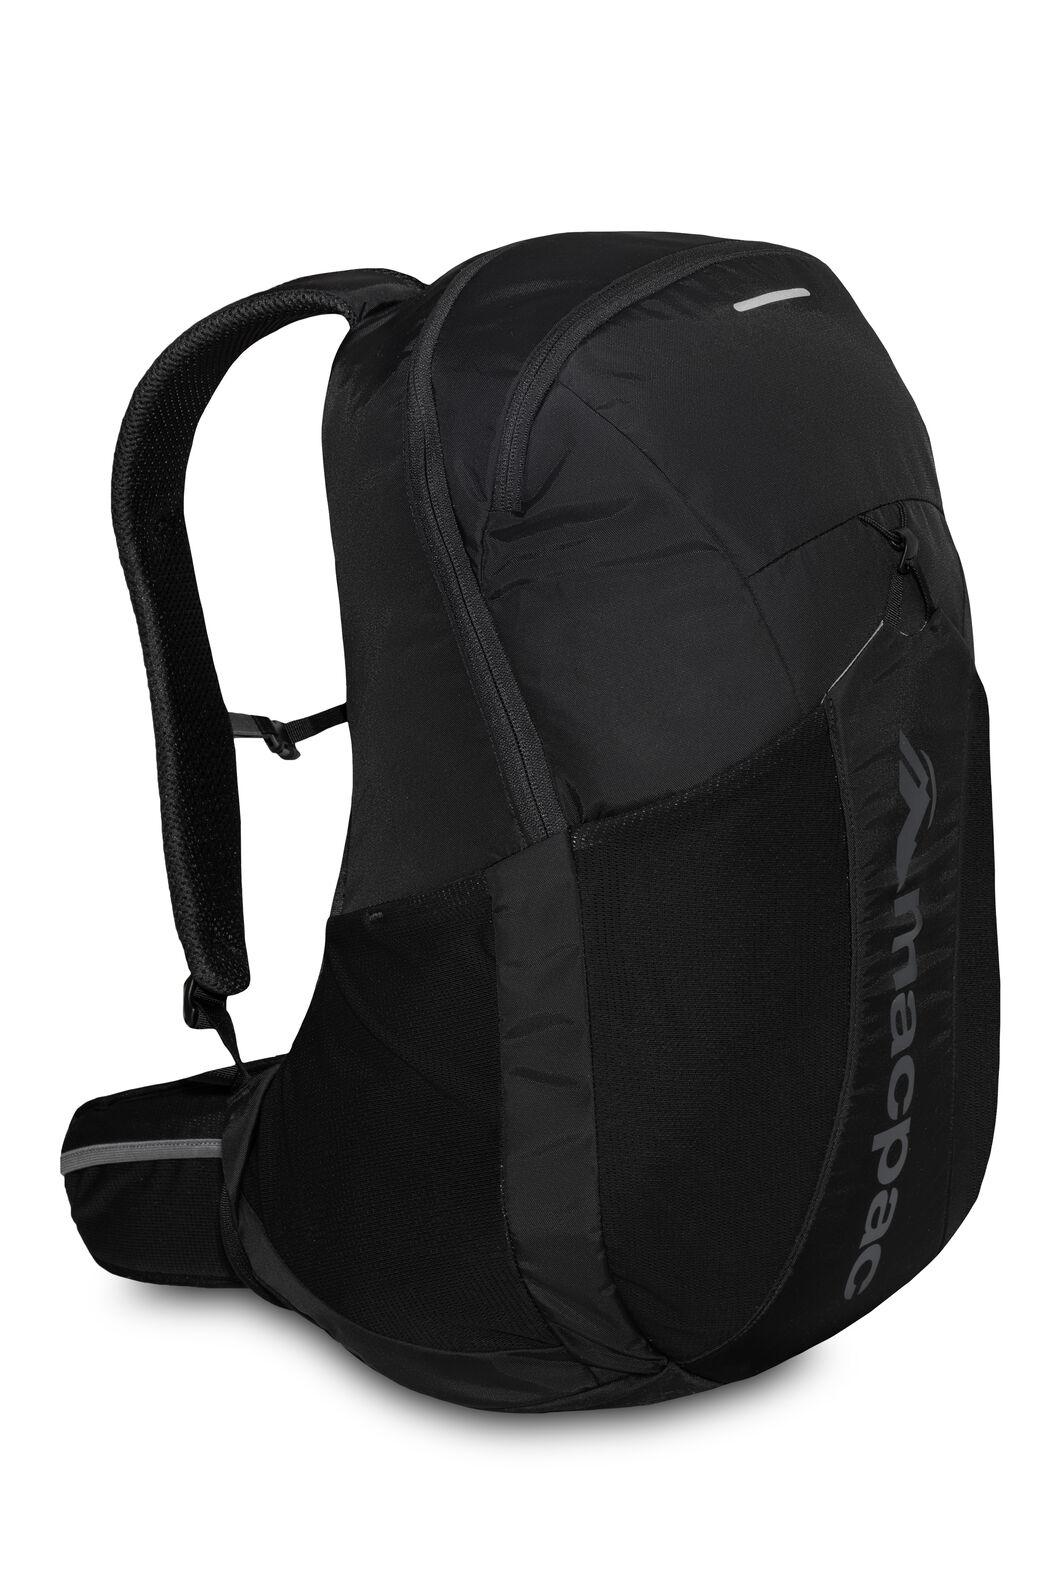 Macpac Rapaki 28L Backpack, Black, hi-res